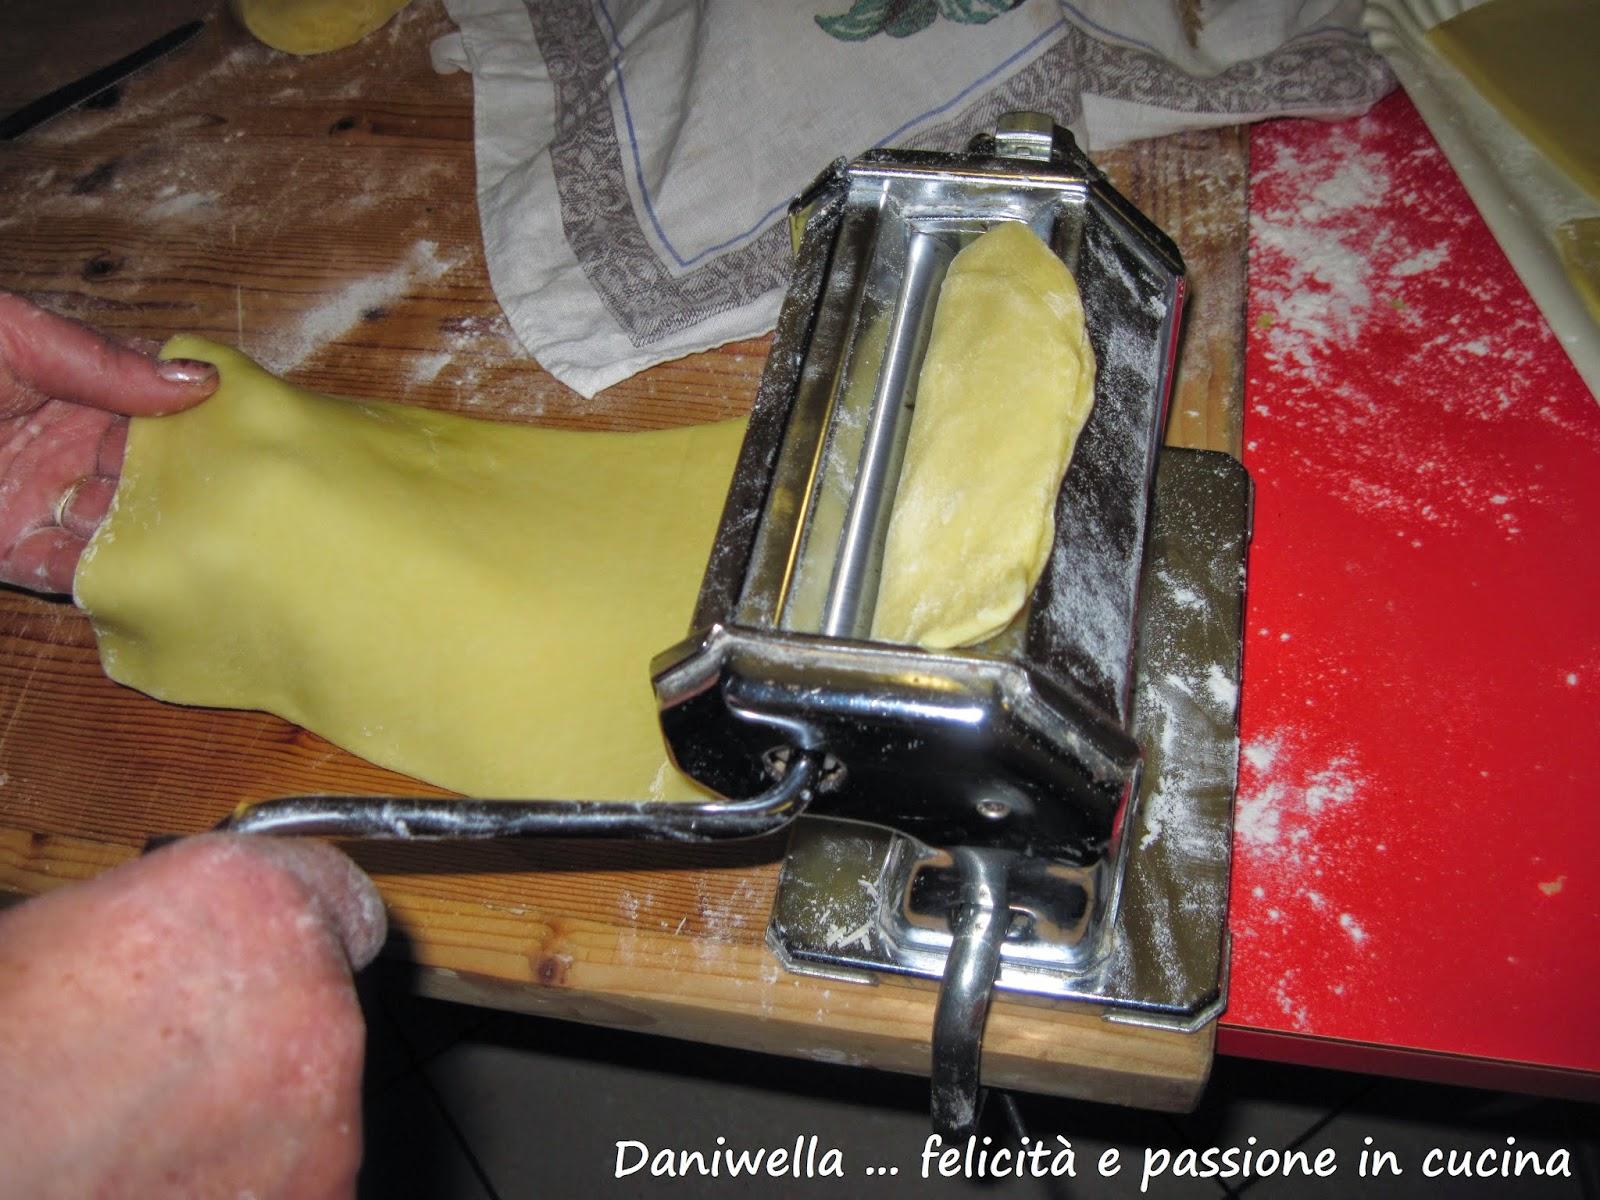 Con il mattarello o con una macchinetta stendete l'impasto a sfoglia sottile e procedete come per i ravioli, cliccate qui per vedere il procedimento per stendere la pasta alla macchinetta.